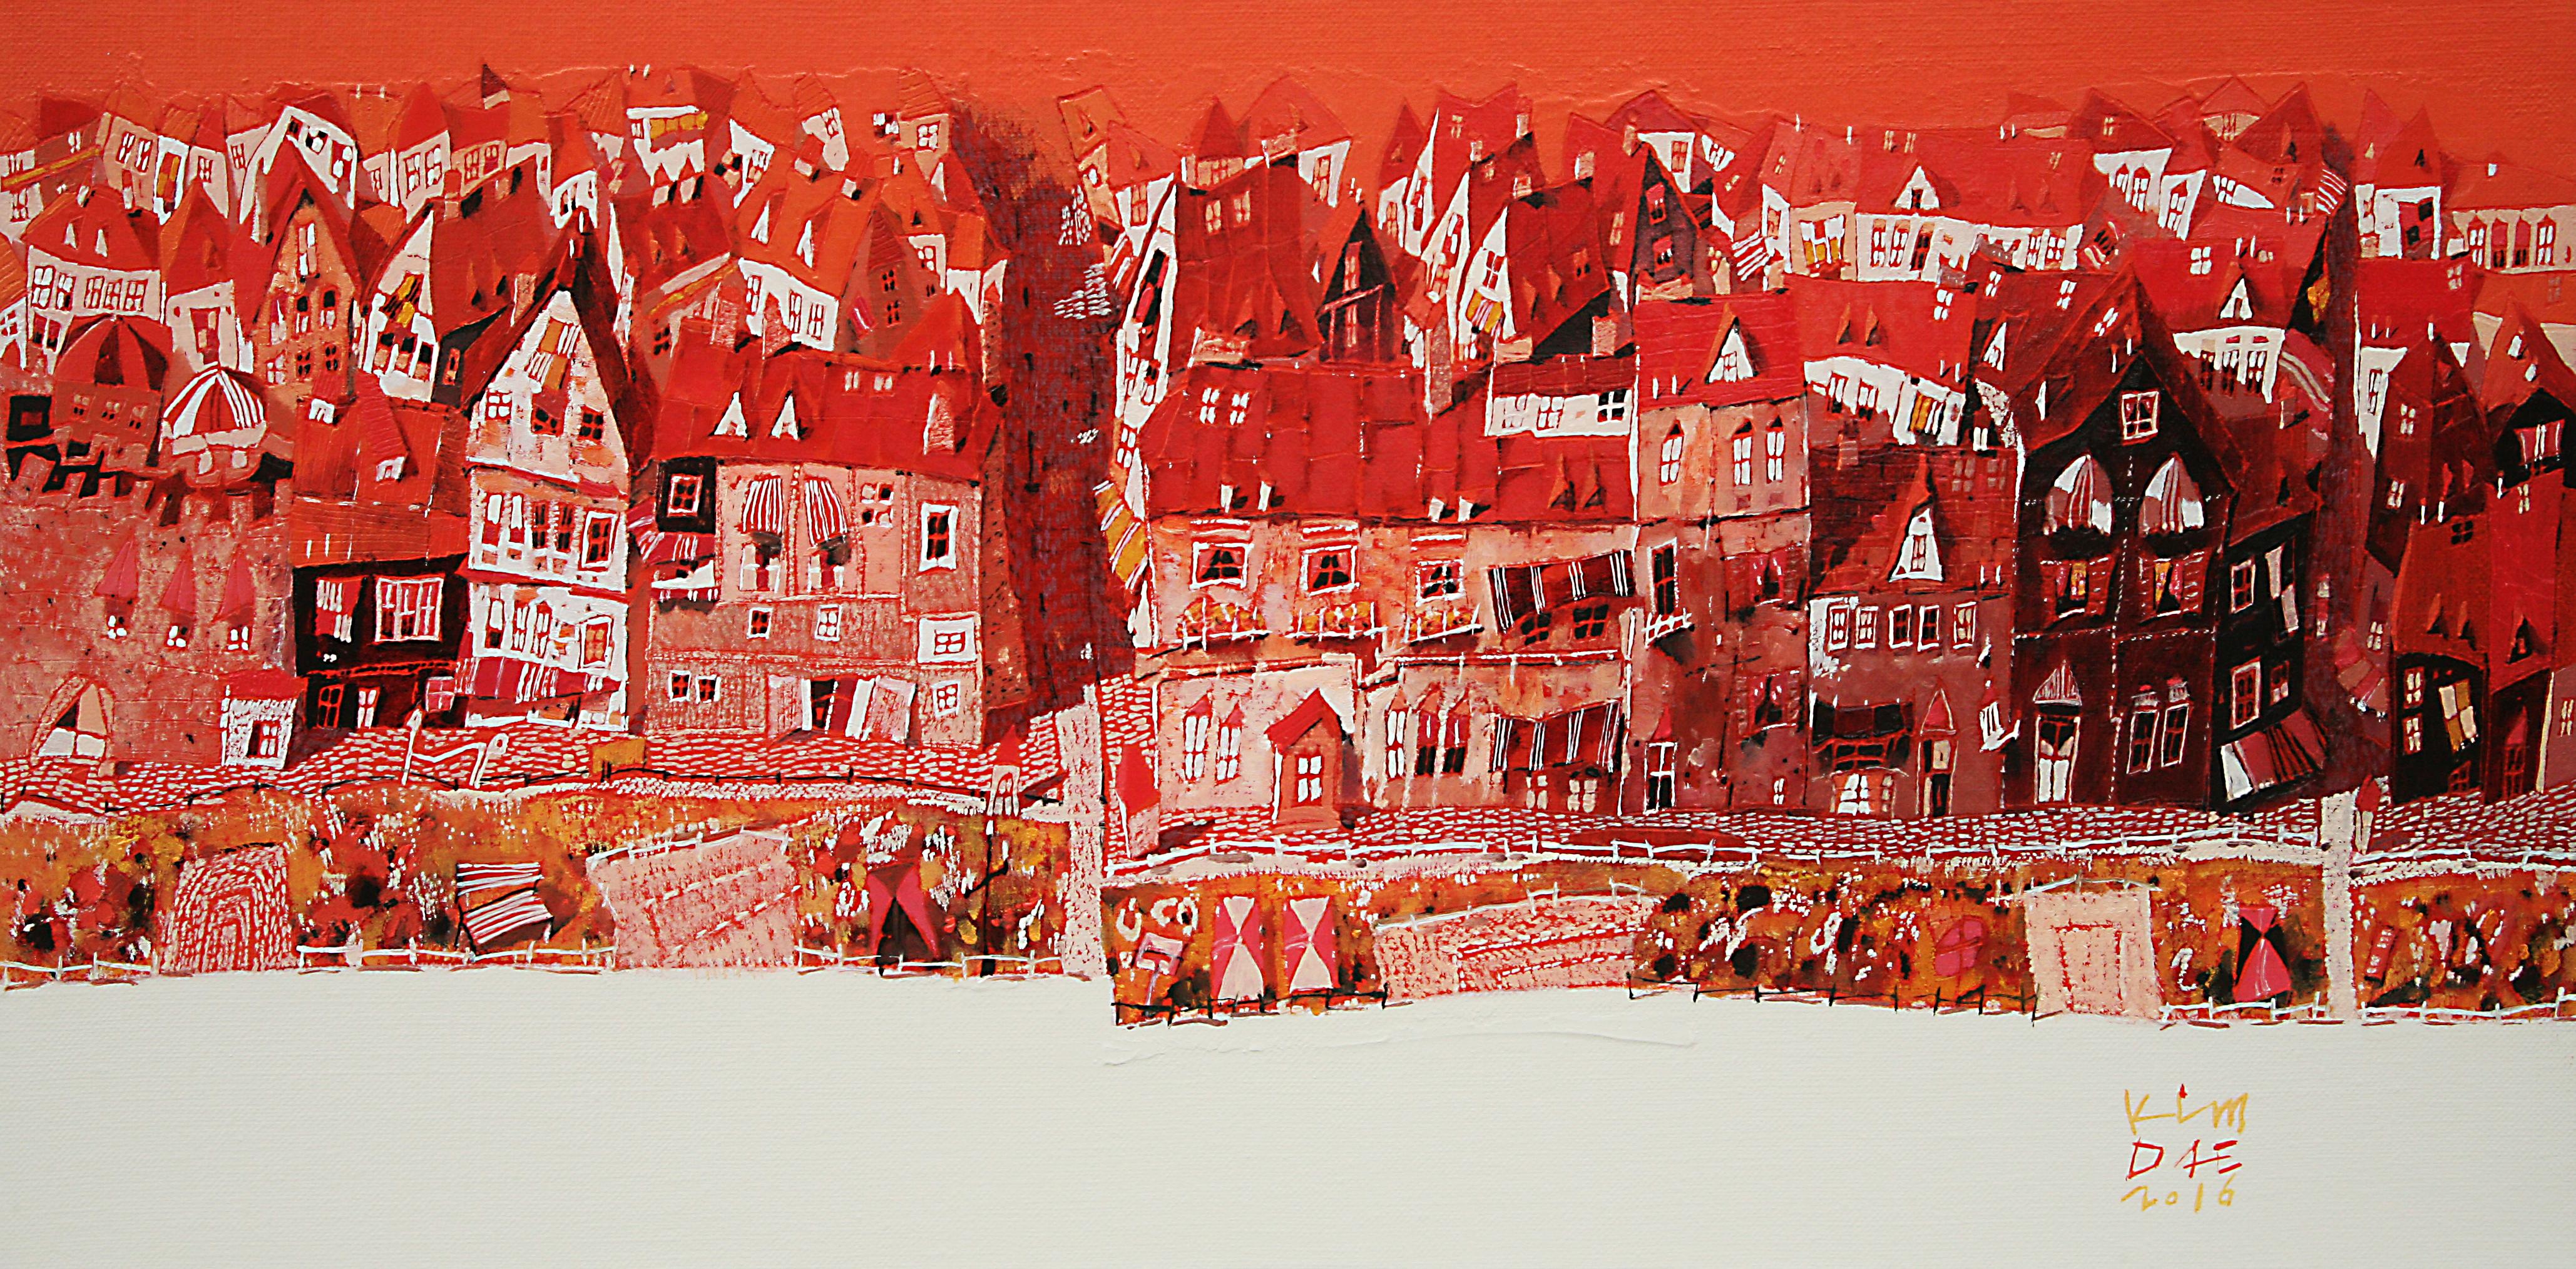 색의도시 - Red 11.jpg